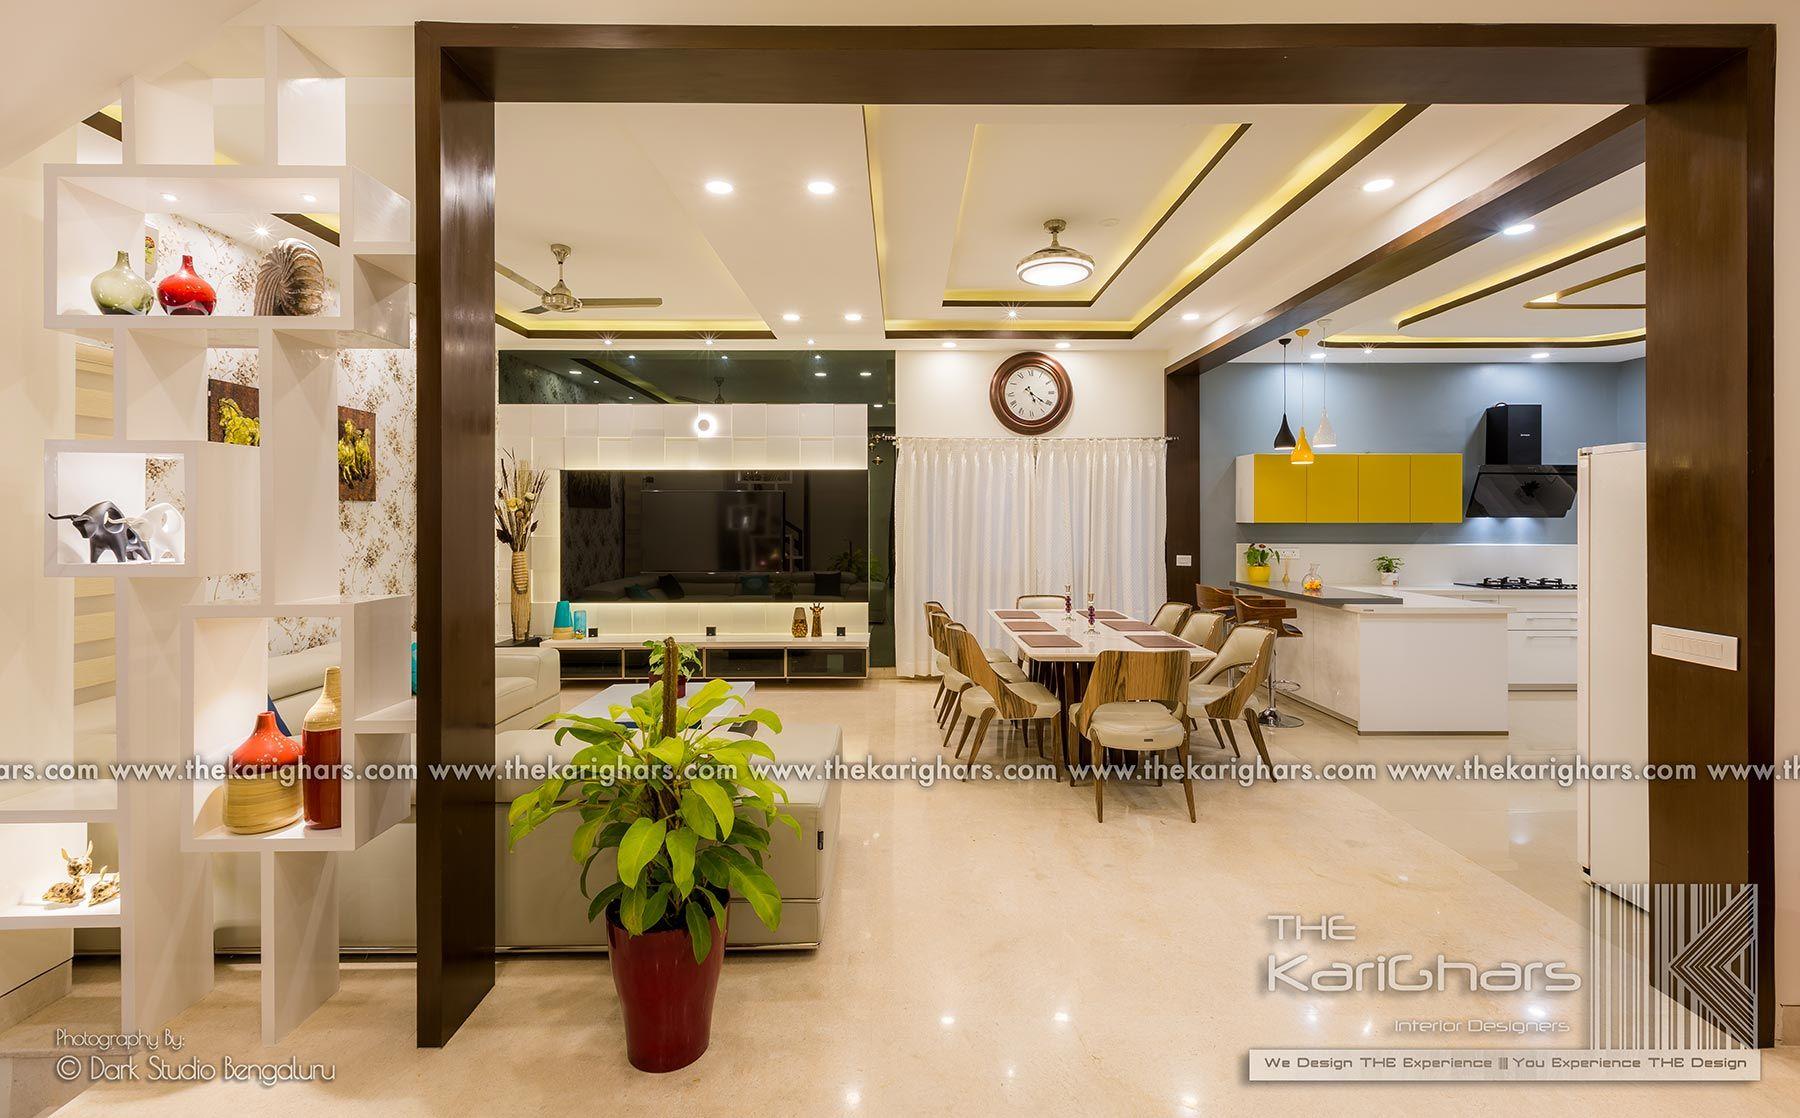 Karighars Interior Designers In Bangalore Best Interior Design Top Interior Design Firms Kitchen Design Decor Interior Design